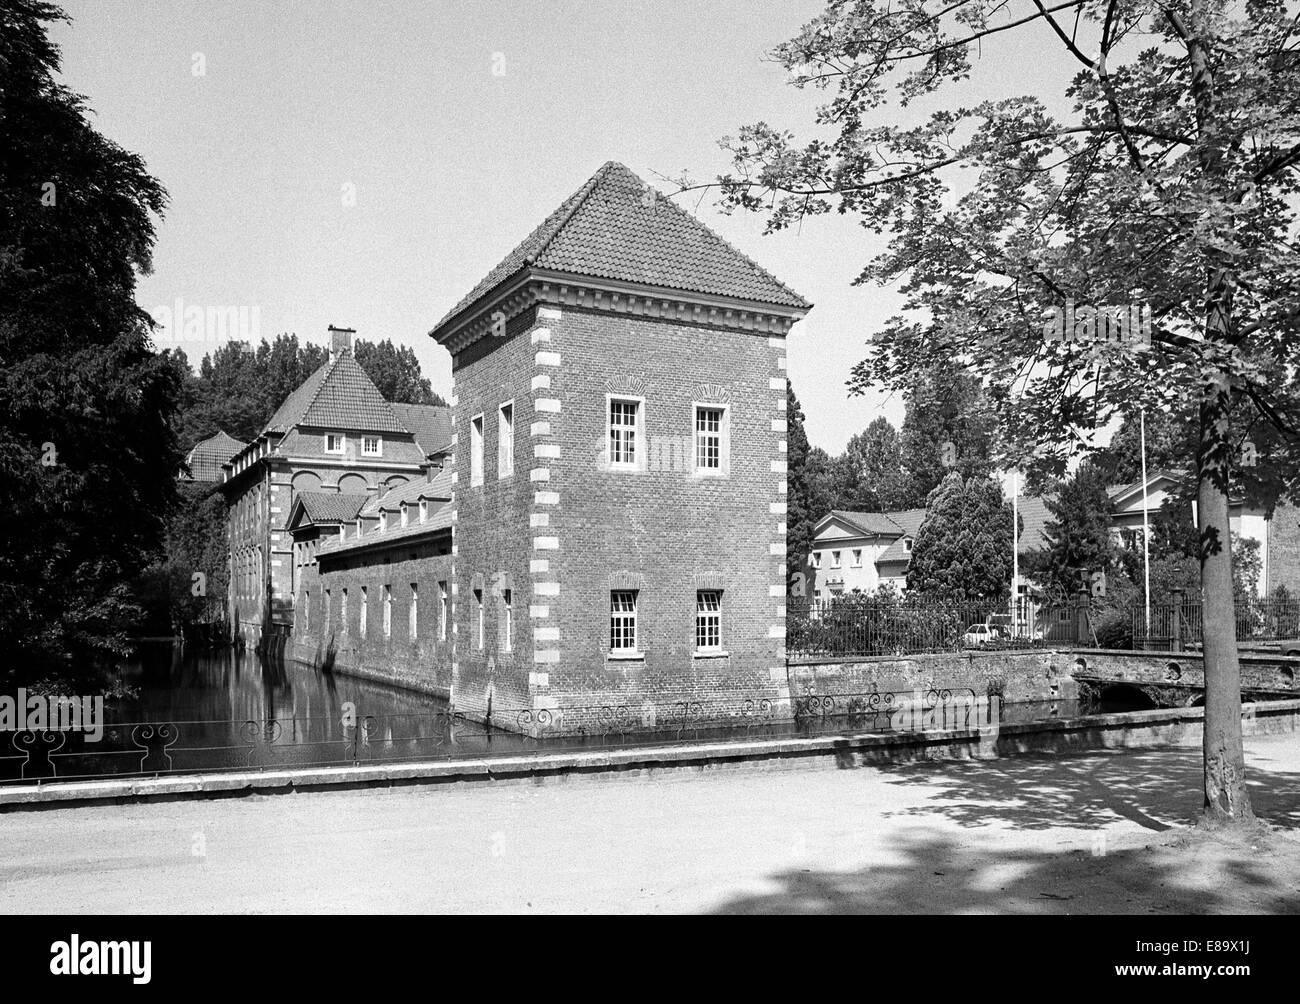 Achtziger Jahre, Wasserschloss in Velen, Muensterland, Nordrhein-Westfalen - Stock Image